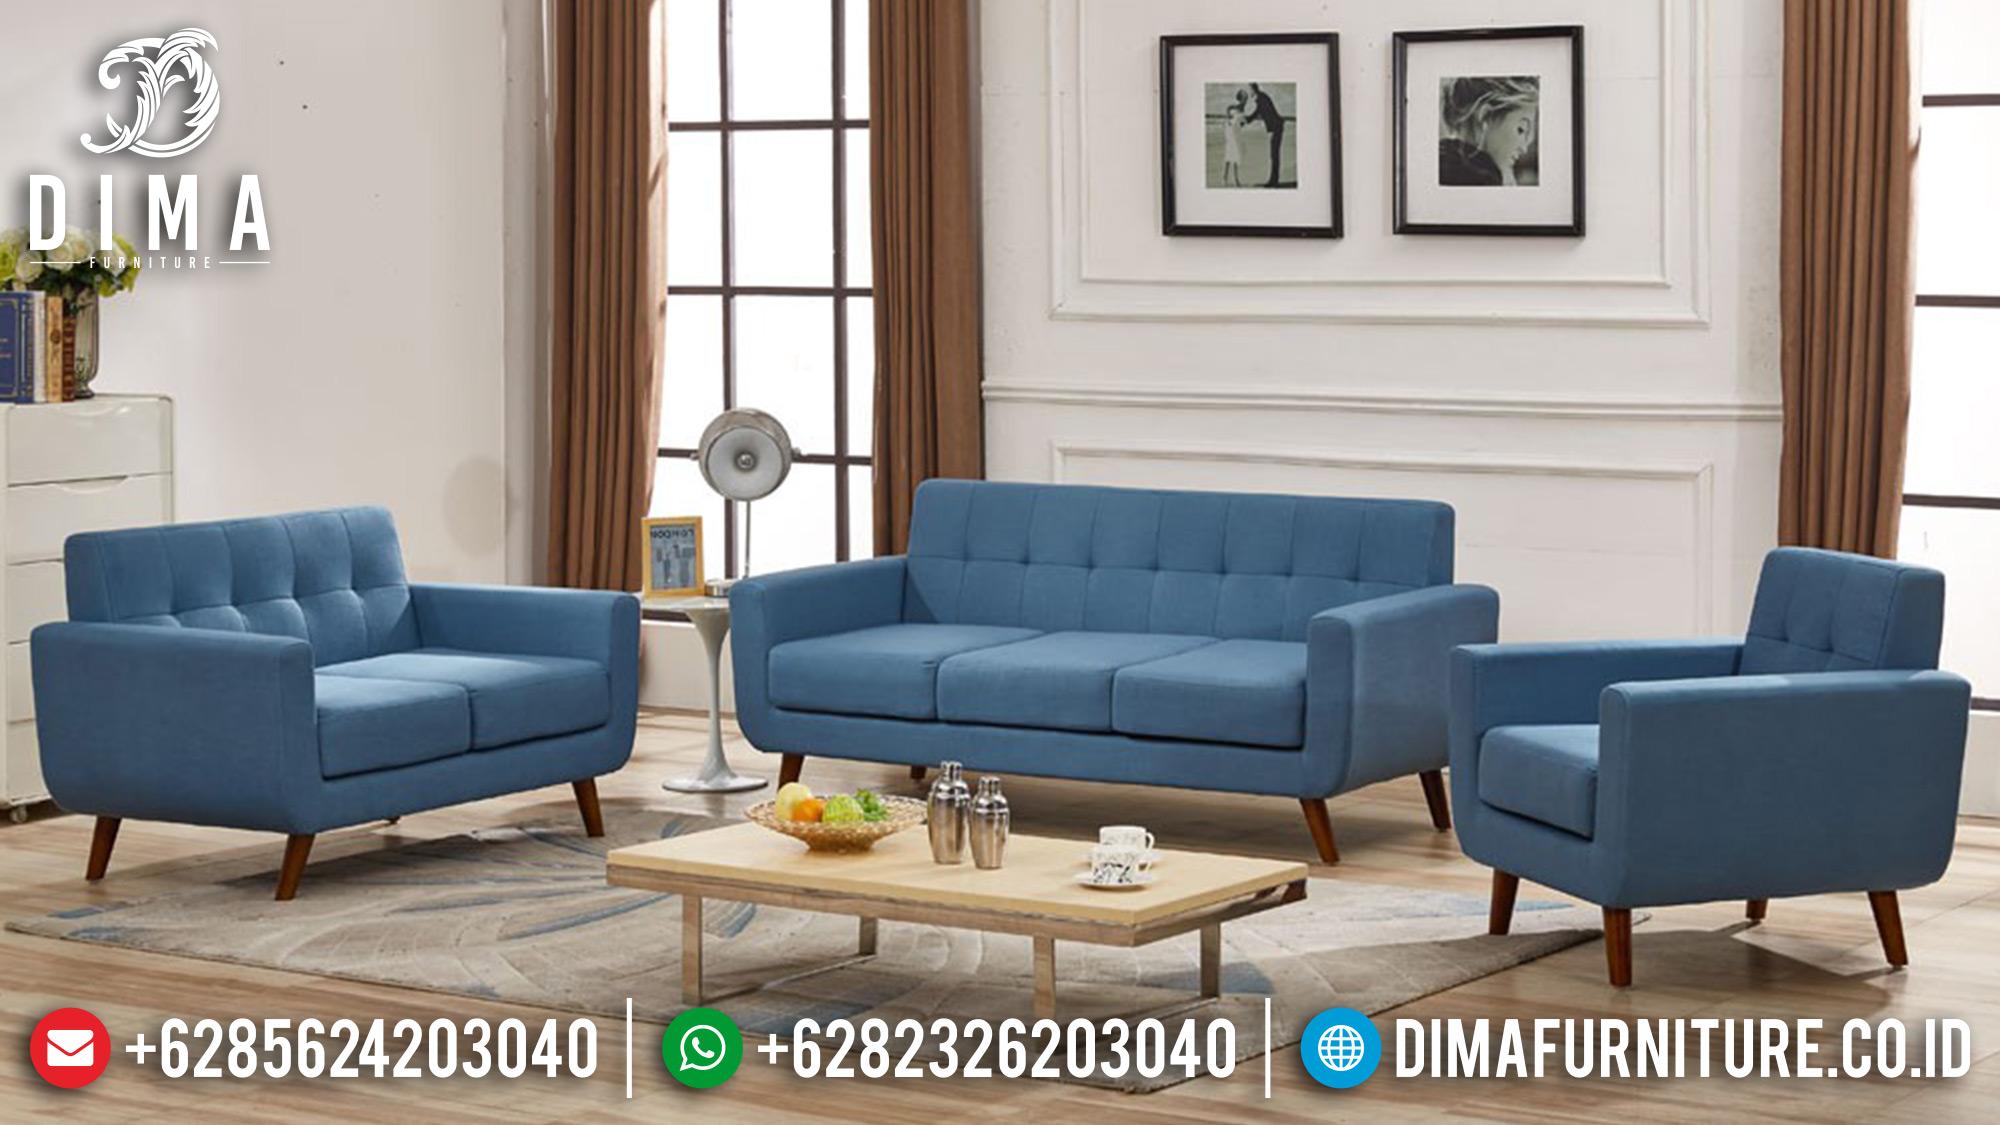 Mebel Jepara Terbaru Set Kursi Sofa Tamu Minimalis Mewah Tosca DF-0546 Gambar 1